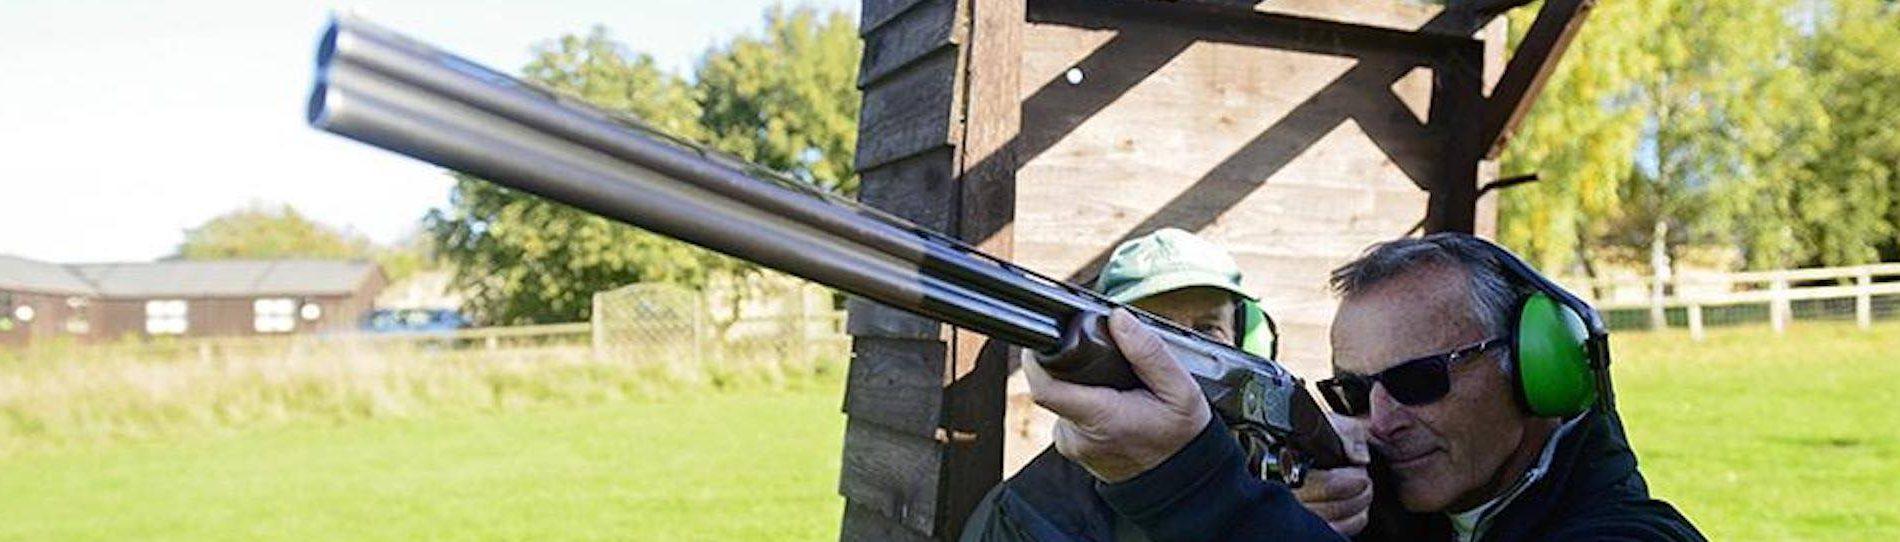 sydney clay piegon shooting